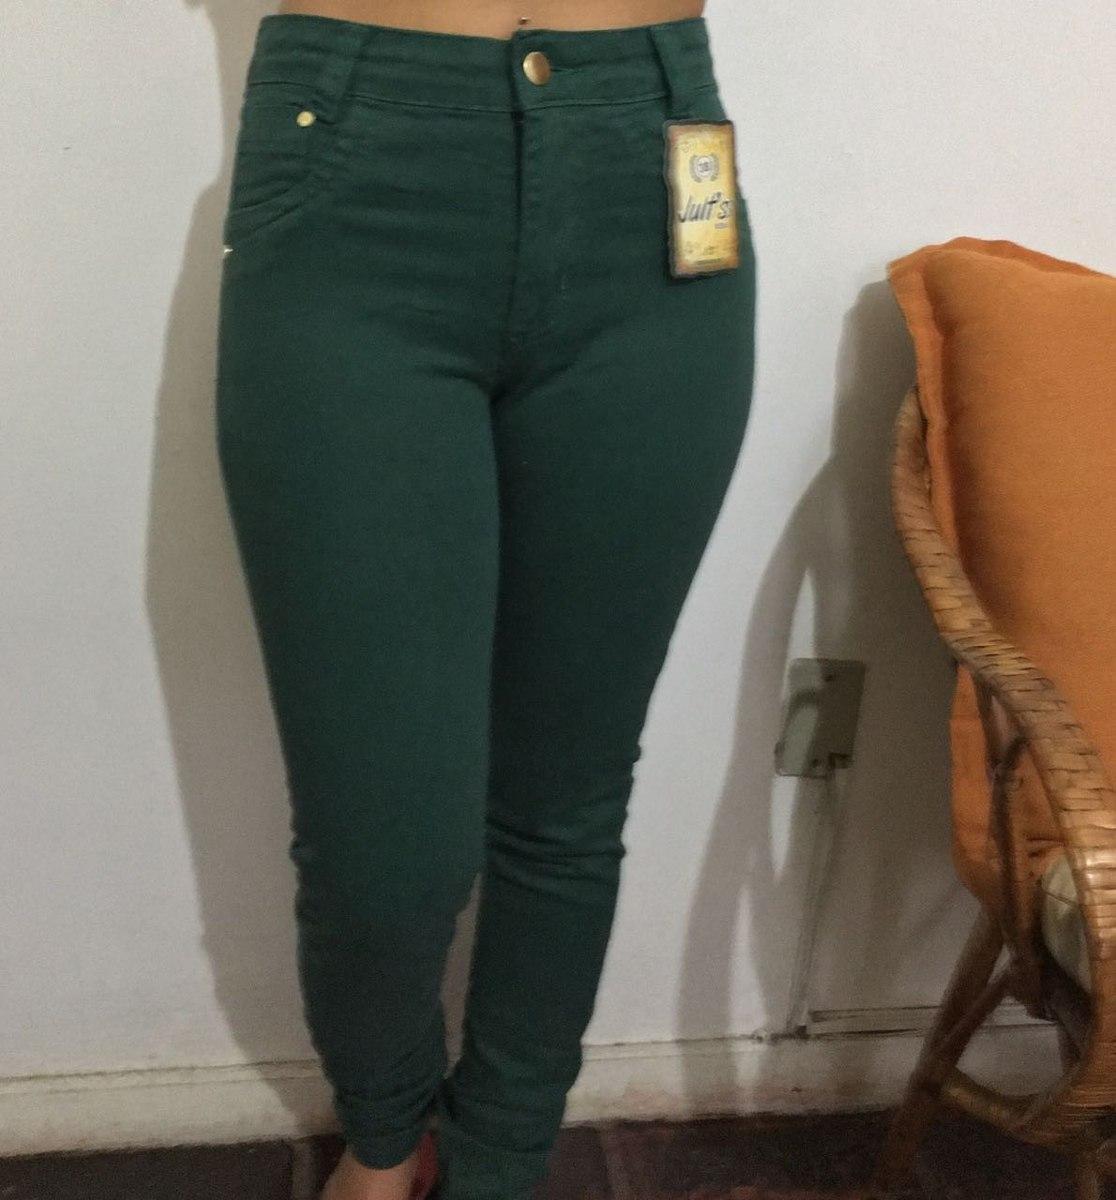 564d907fe Calça Feminina Verde Militar - R$ 69,99 em Mercado Livre